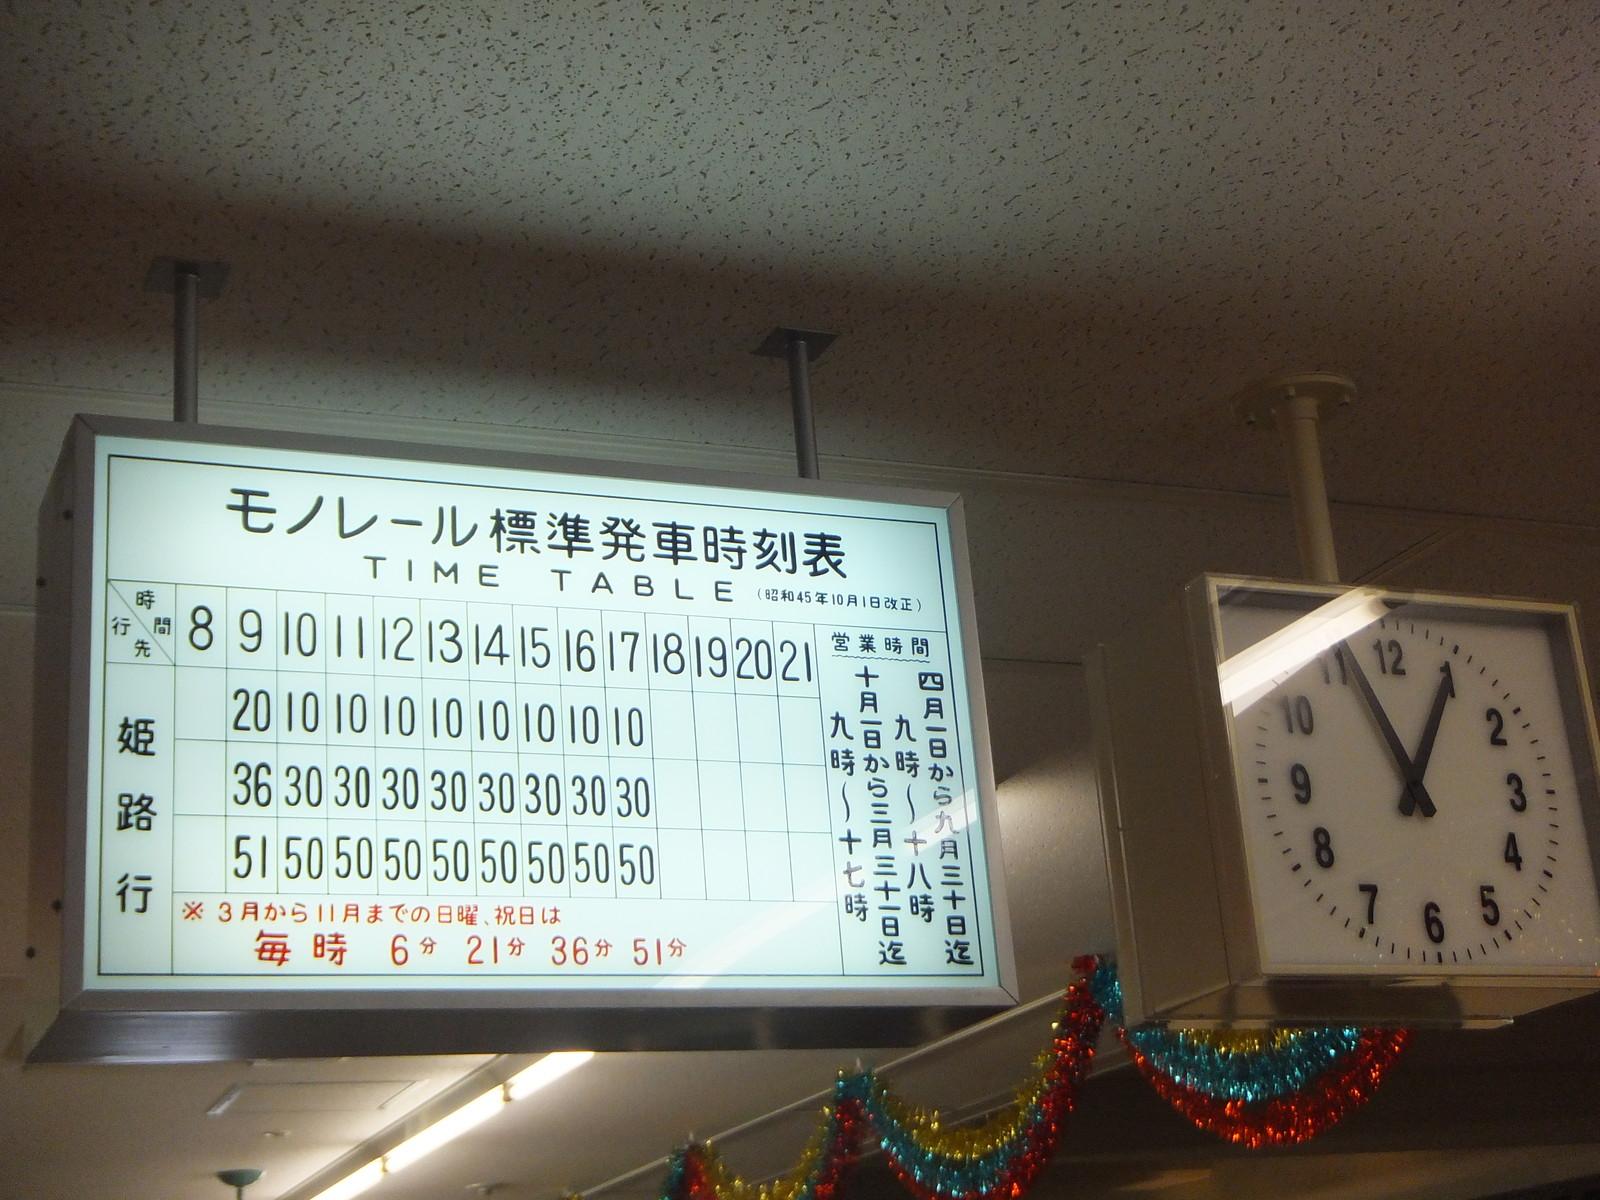 7503b3cd - 【地域】姫路モノレール「大将軍駅」その後どうなった? 高層ビルを貫くユニークな駅